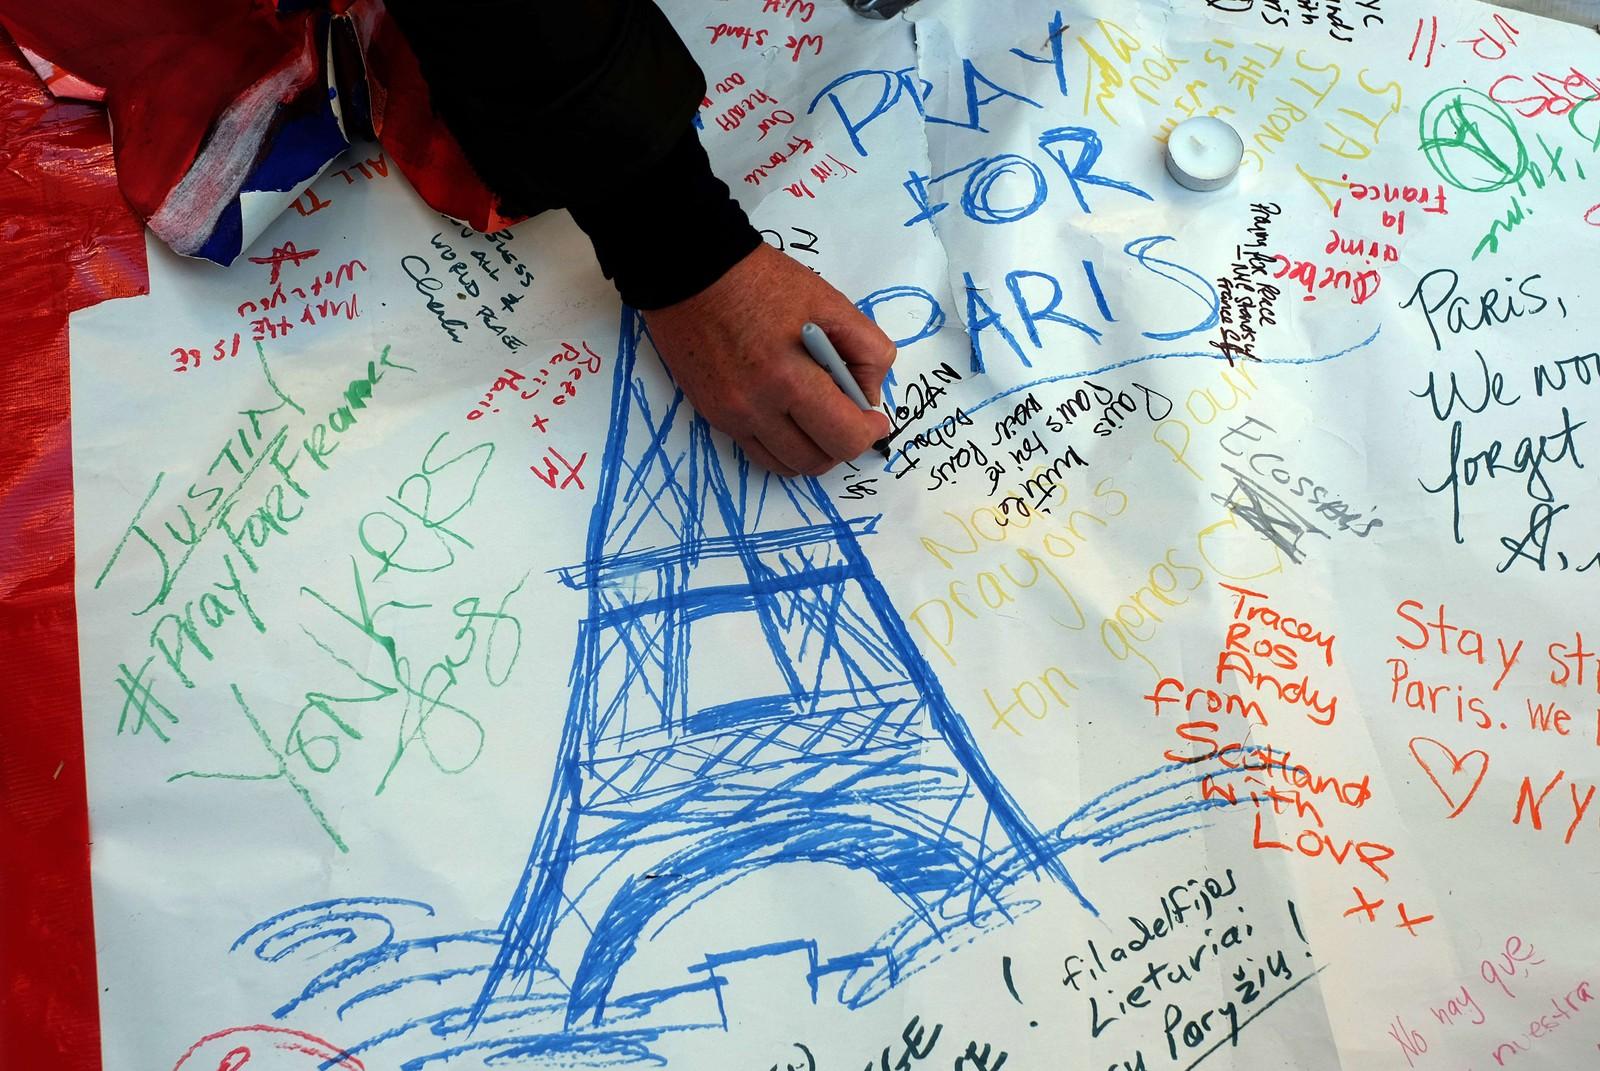 Flere mennesker bidrar til en tegning under minnesmarkeringen i New York.